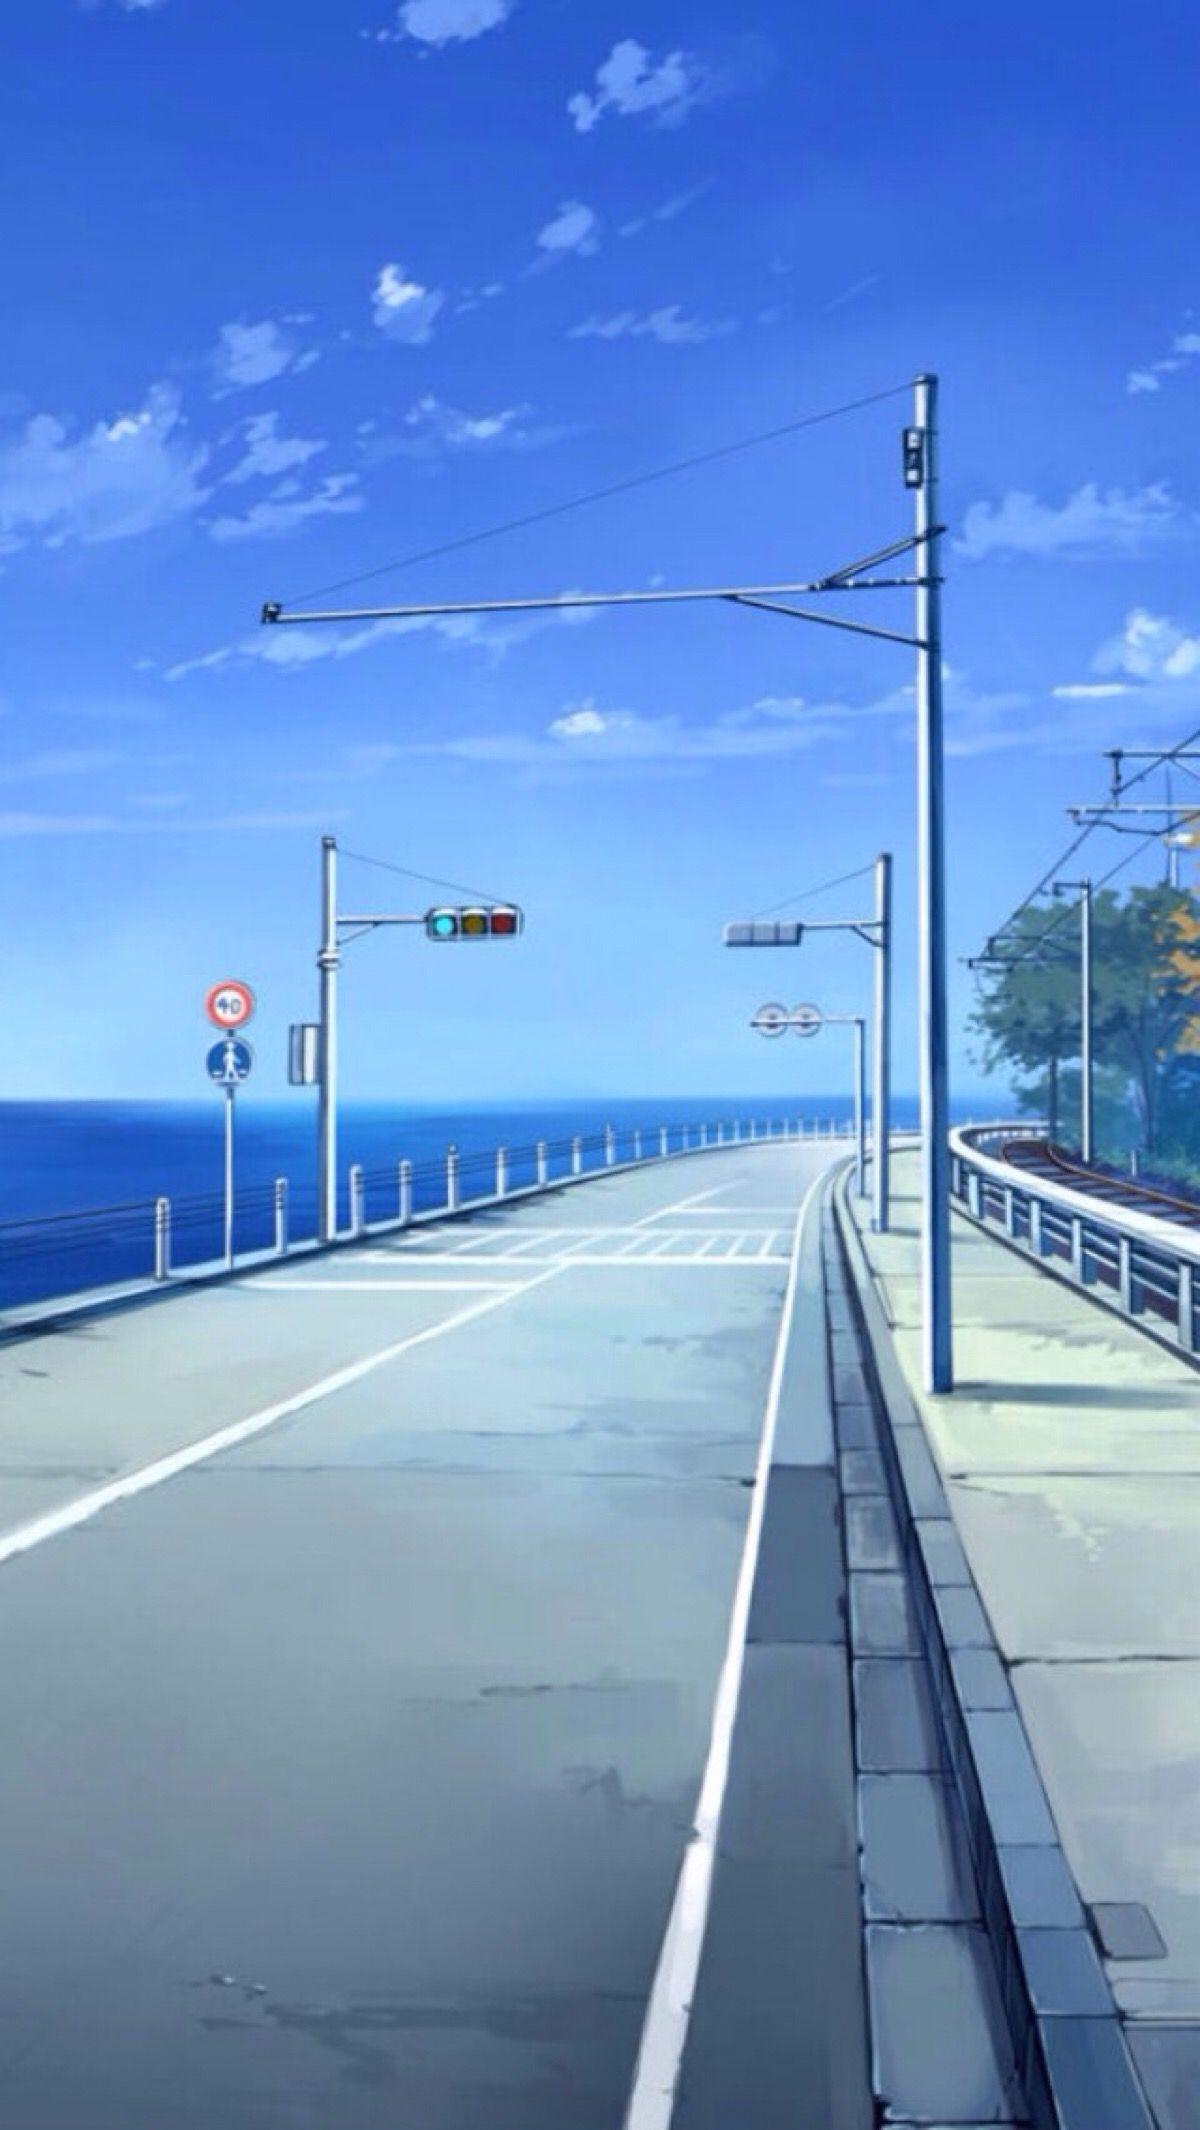 Veel mensen die in het rijkeren gedeelte van het eiland wonen werken aan het vaste land. Hierdoor gaan ze elke ochtend via de grote brug naar de stad. Er gaat om het uur een bus.